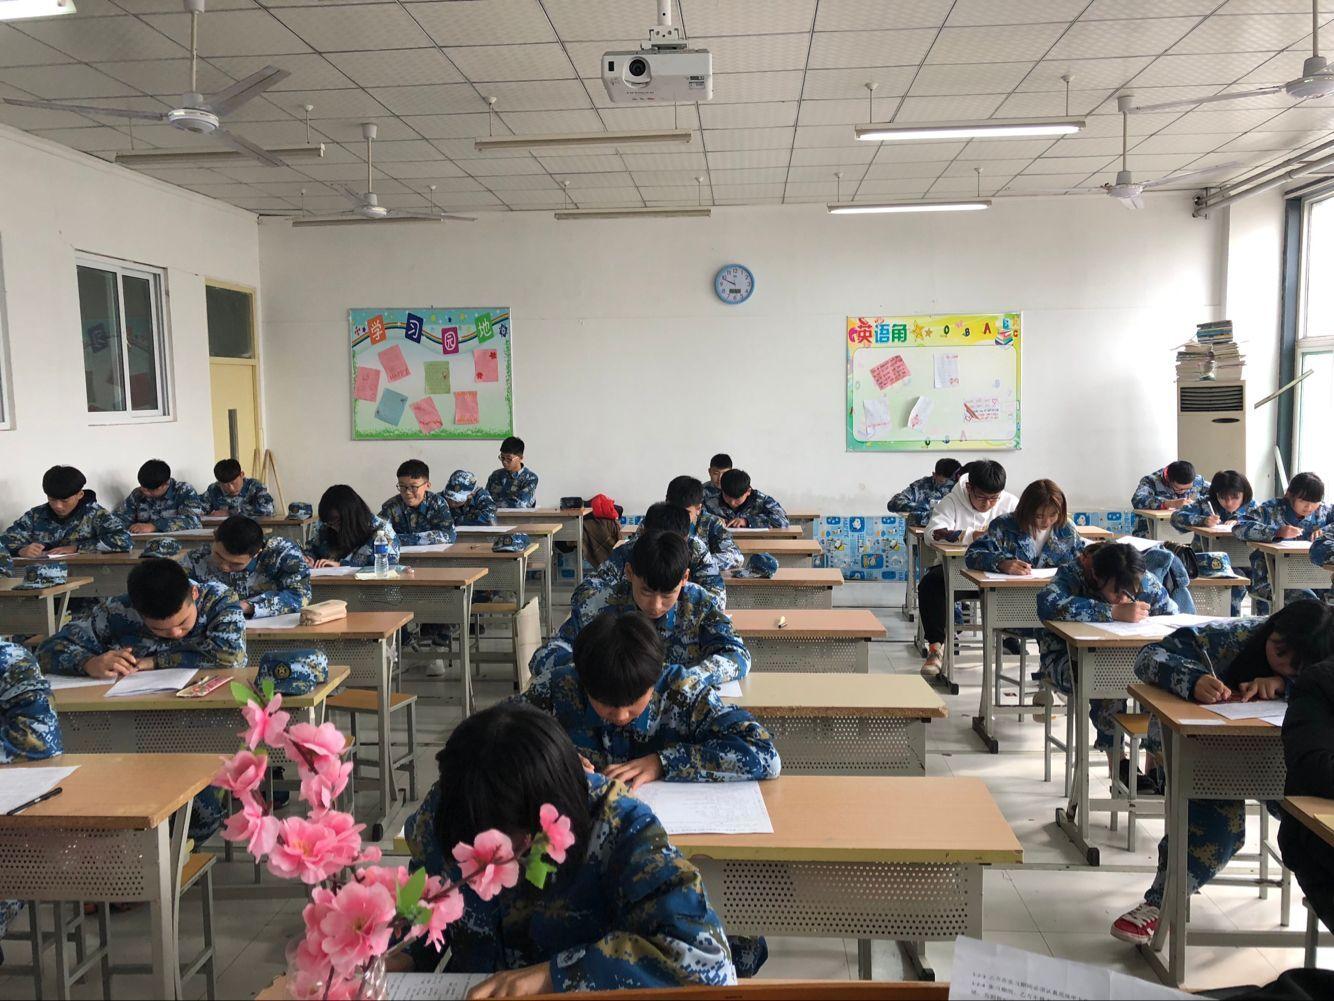 期中考试过后 如何进行反思总结